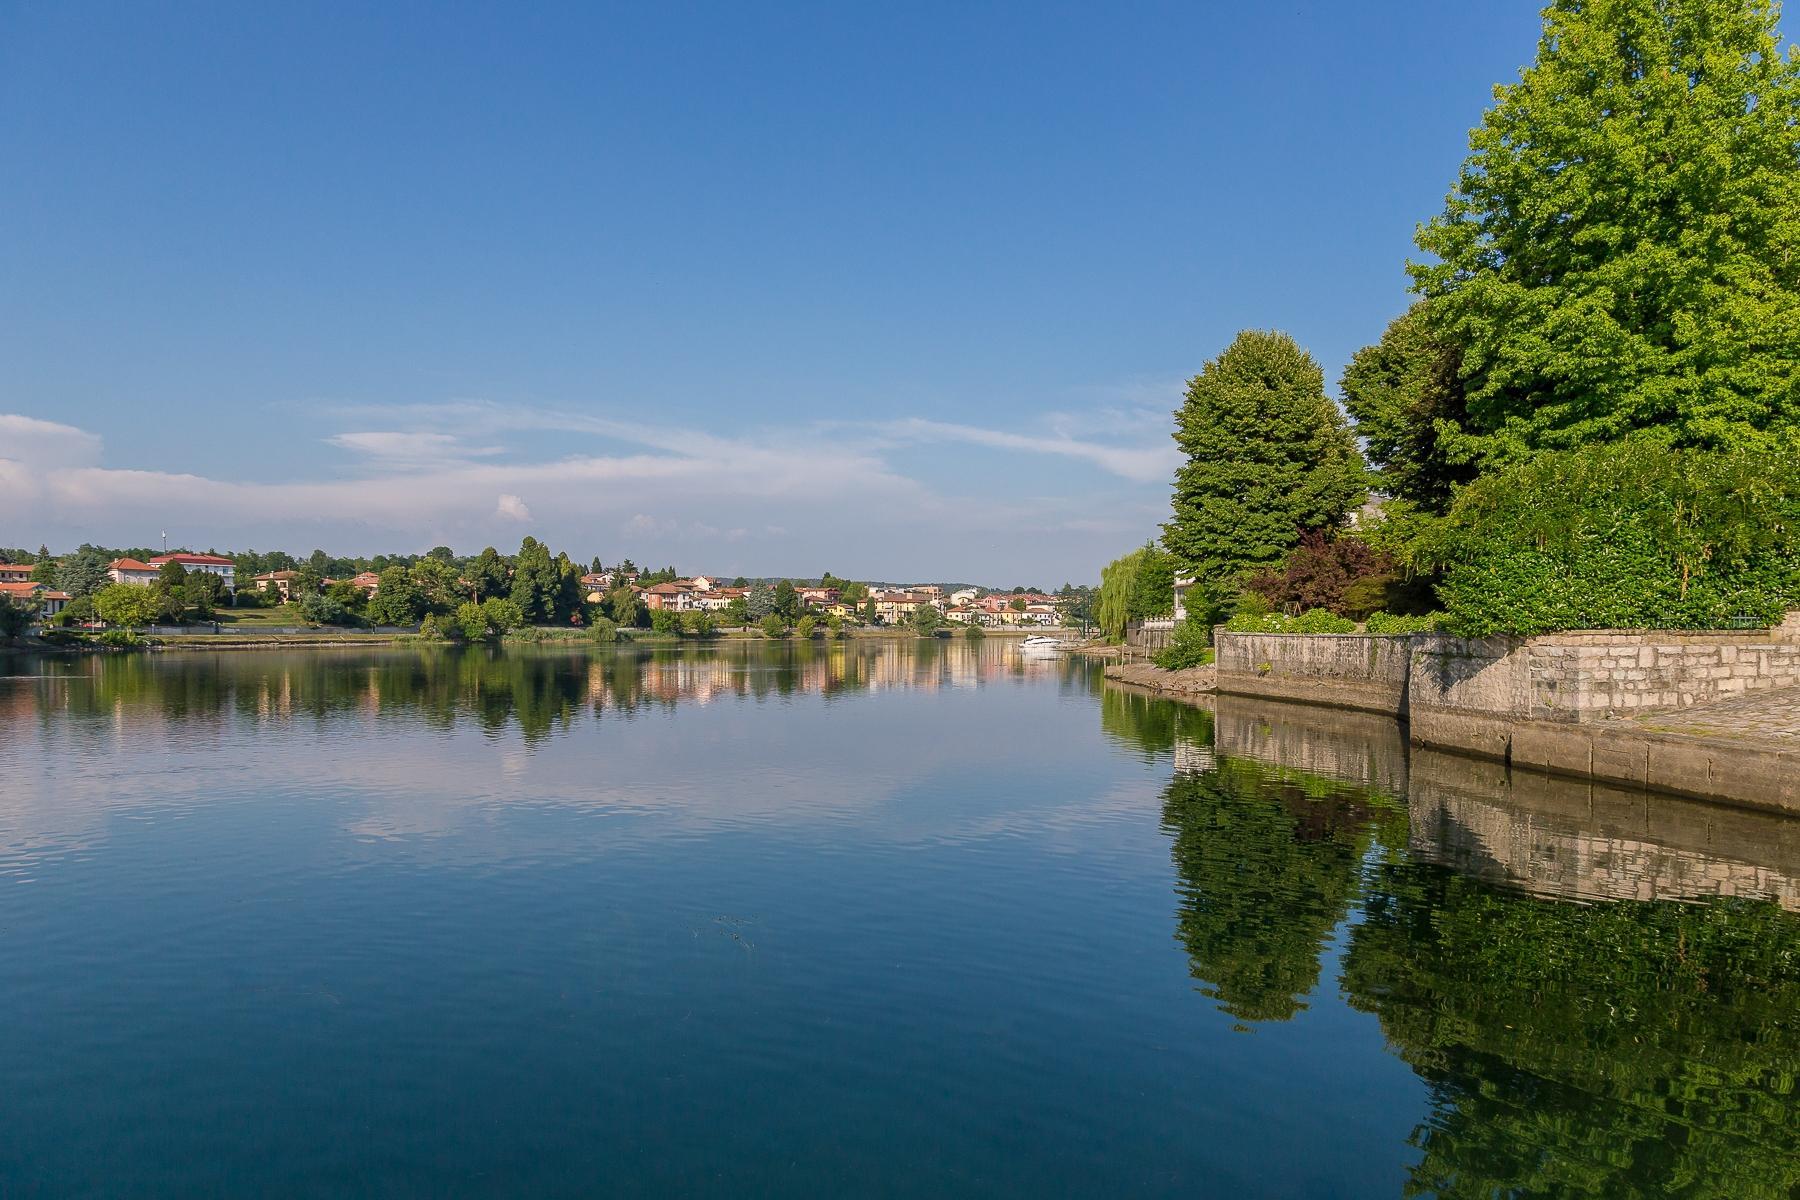 位于Ticino河岸边配有游泳池的别墅 - 31